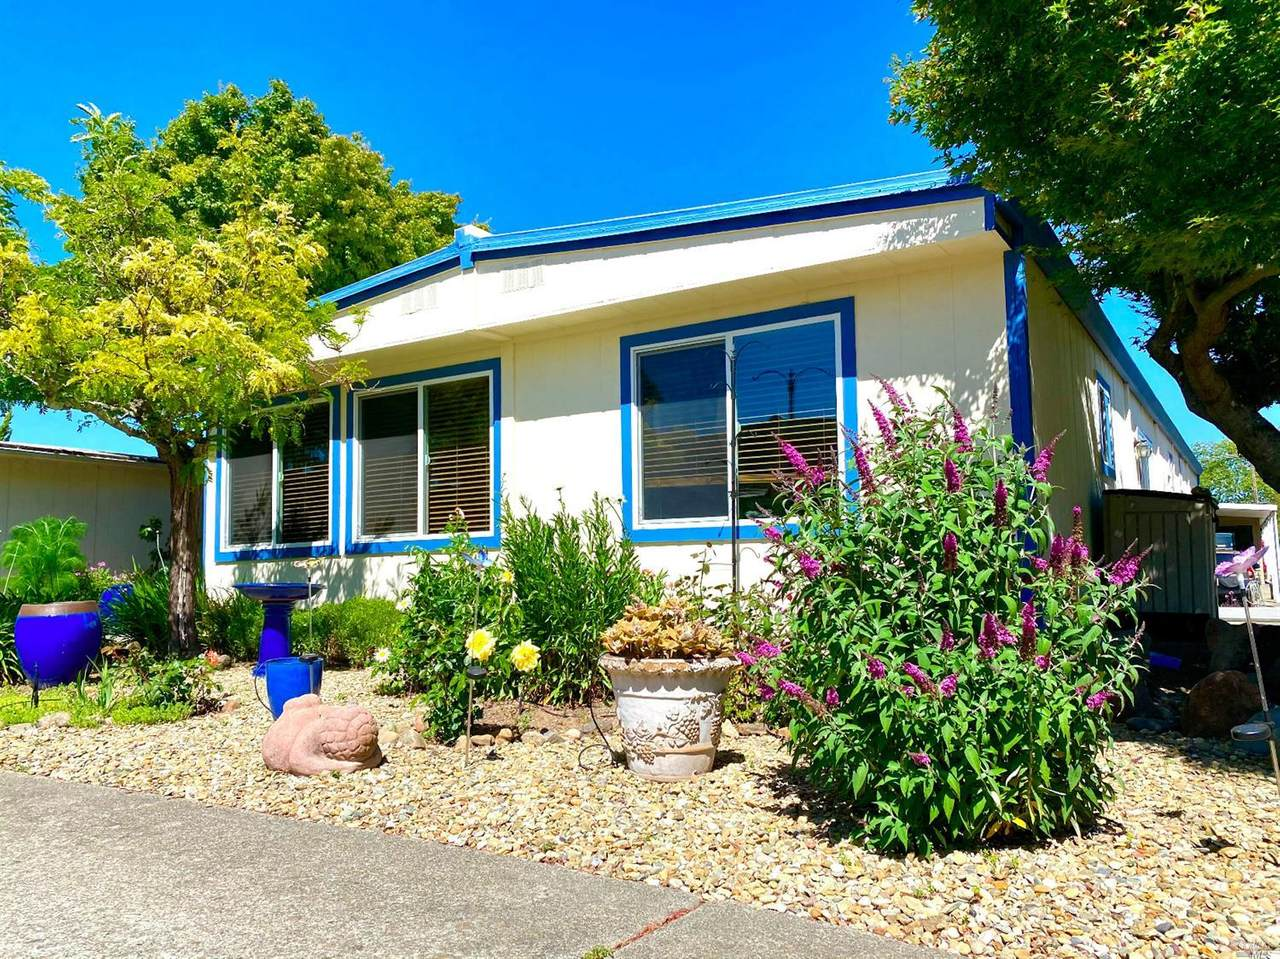 8 Hacienda Drive - Photo 1